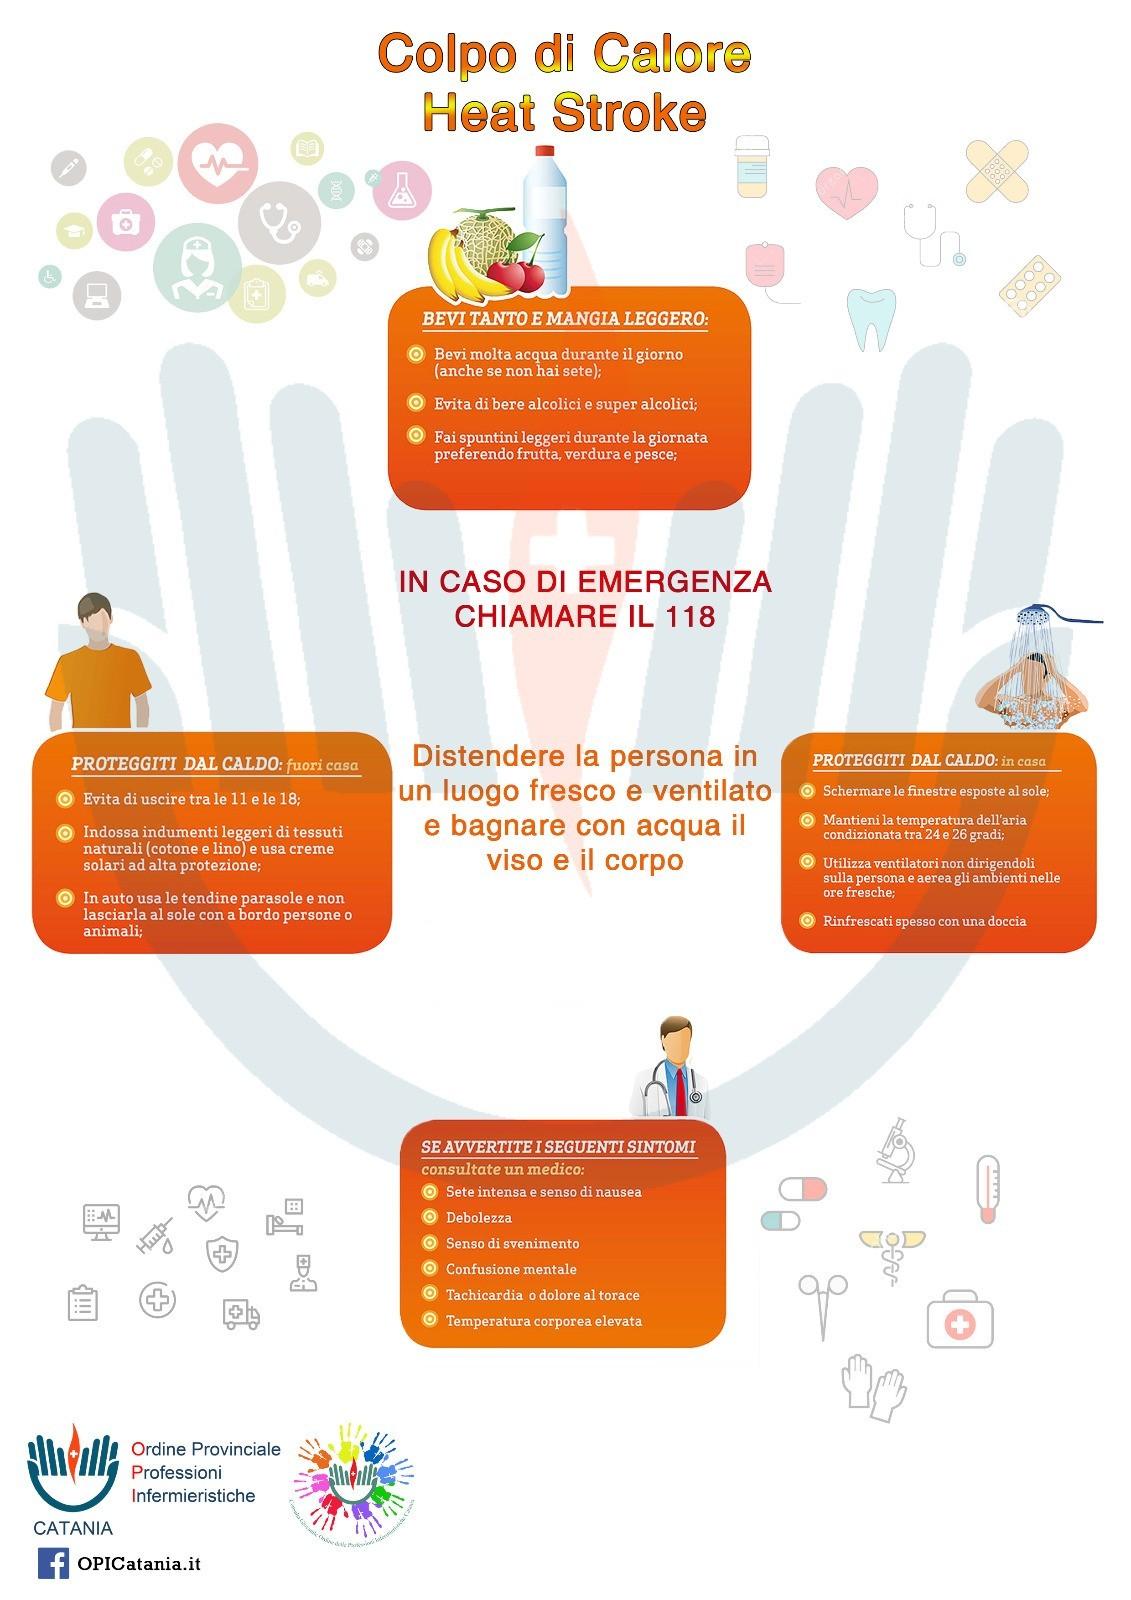 Stili di vita e prevenzione, la nuova campagna informativa a cura dei giovani della Consulta dell'OPI di Catania 2